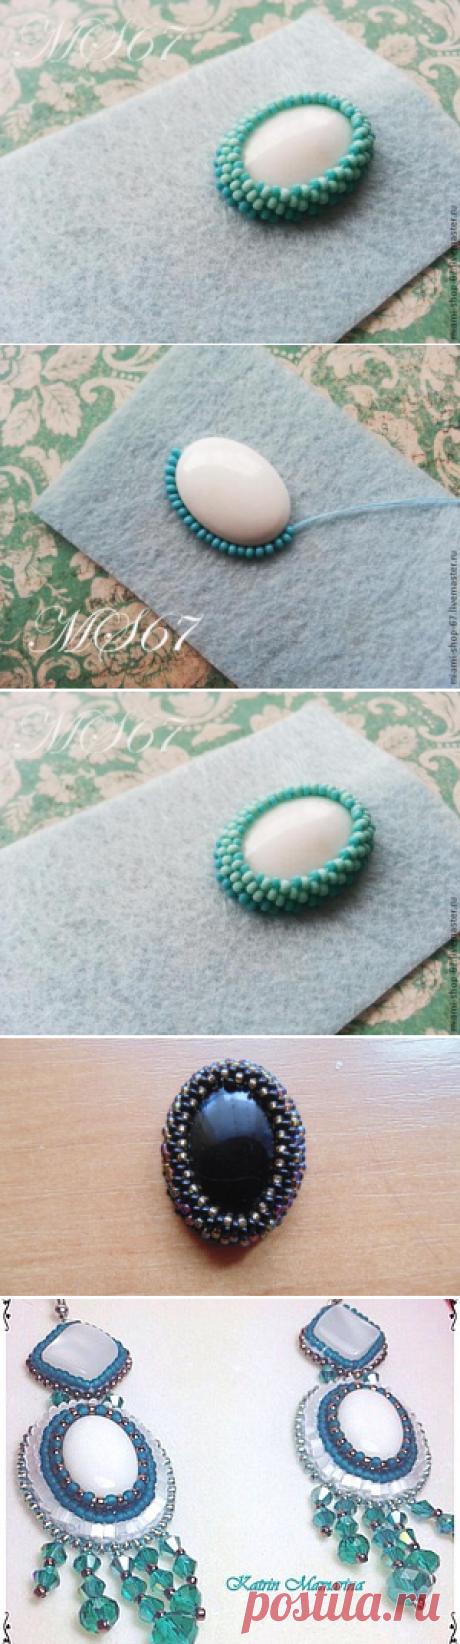 Вышивка бисером. Урок №1. Как обшить бисером кабошон, мозаичное плетение. - Ярмарка Мастеров - ручная работа, handmade